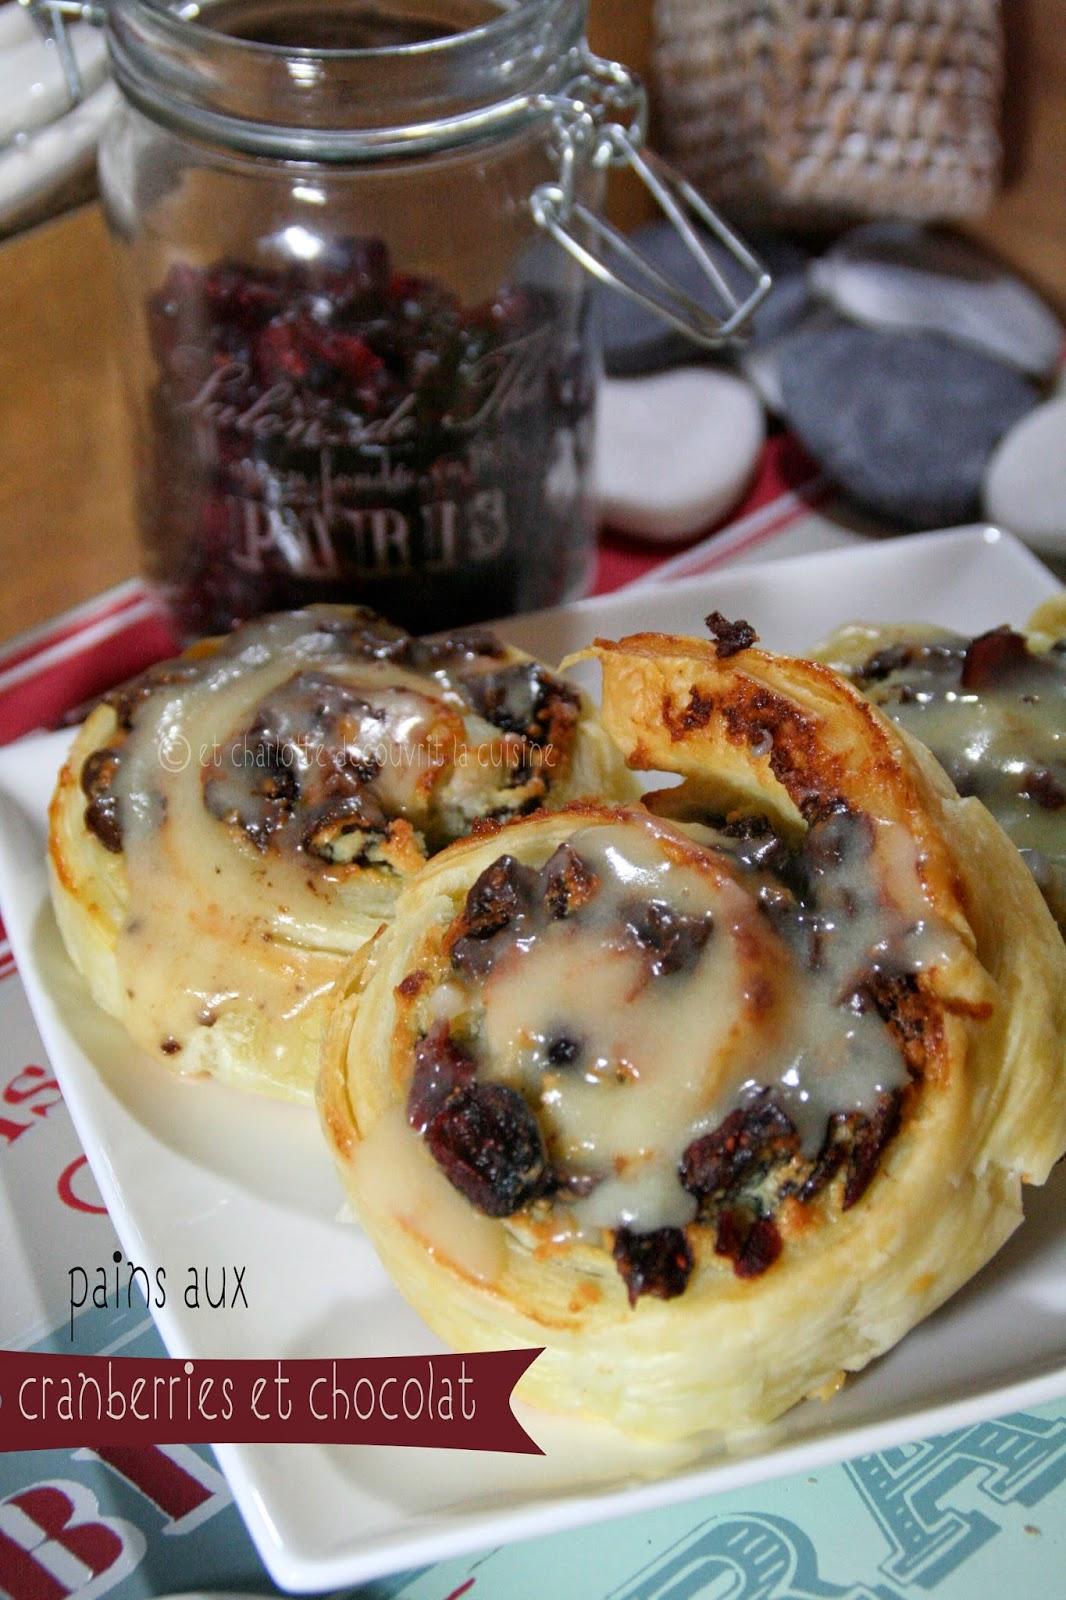 http://etcharlottedecouvritlacuisine.blogspot.fr/2014/02/bataillefood-9-pains-aux-cranberries.html